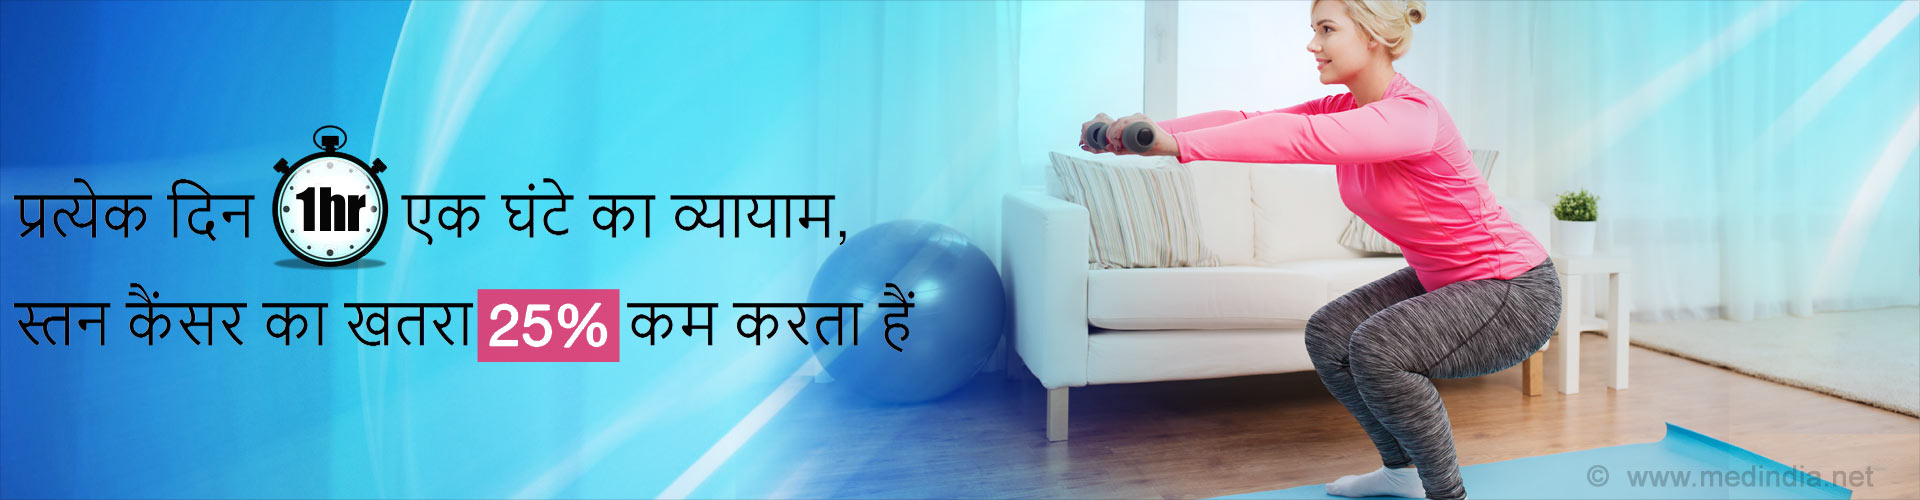 प्रत्येक दिन एक घंटे का व्यायाम, स्तन कैंसर का खतरा 25% कम करता हैं !